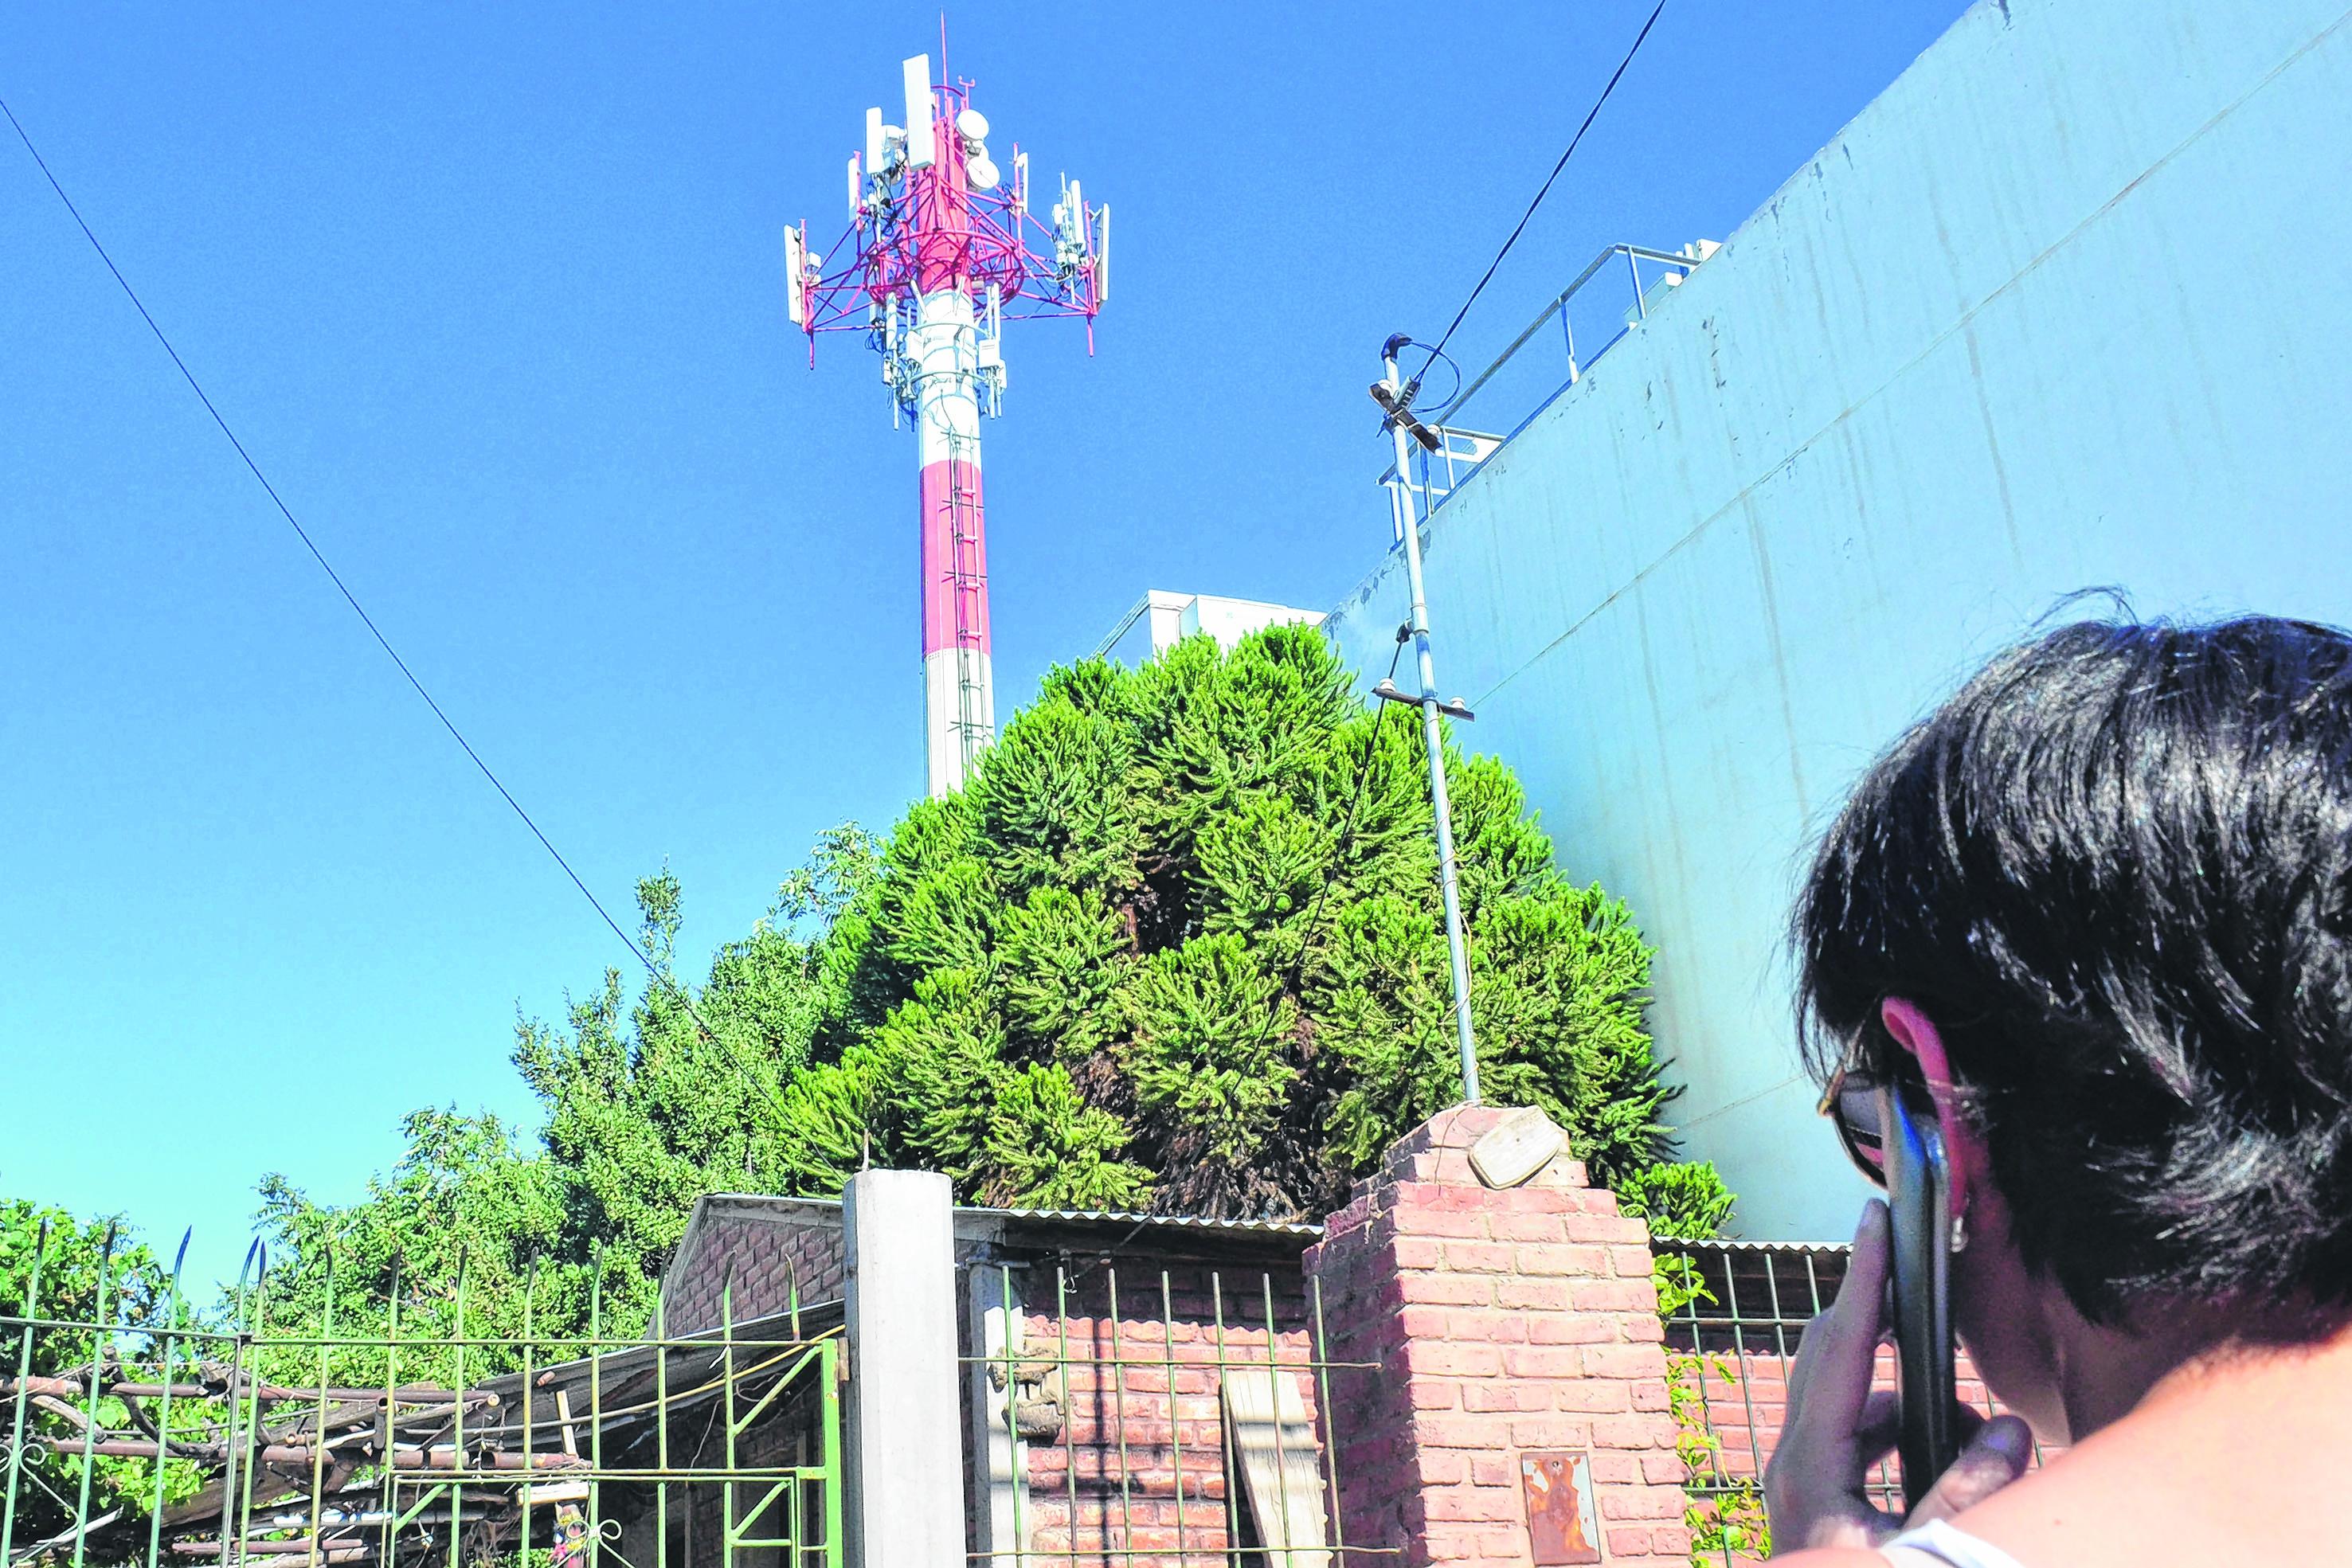 Rechazan instalación de antena telefónica en Huajuapan de León, Oaxaca | El Imparcial de Oaxaca